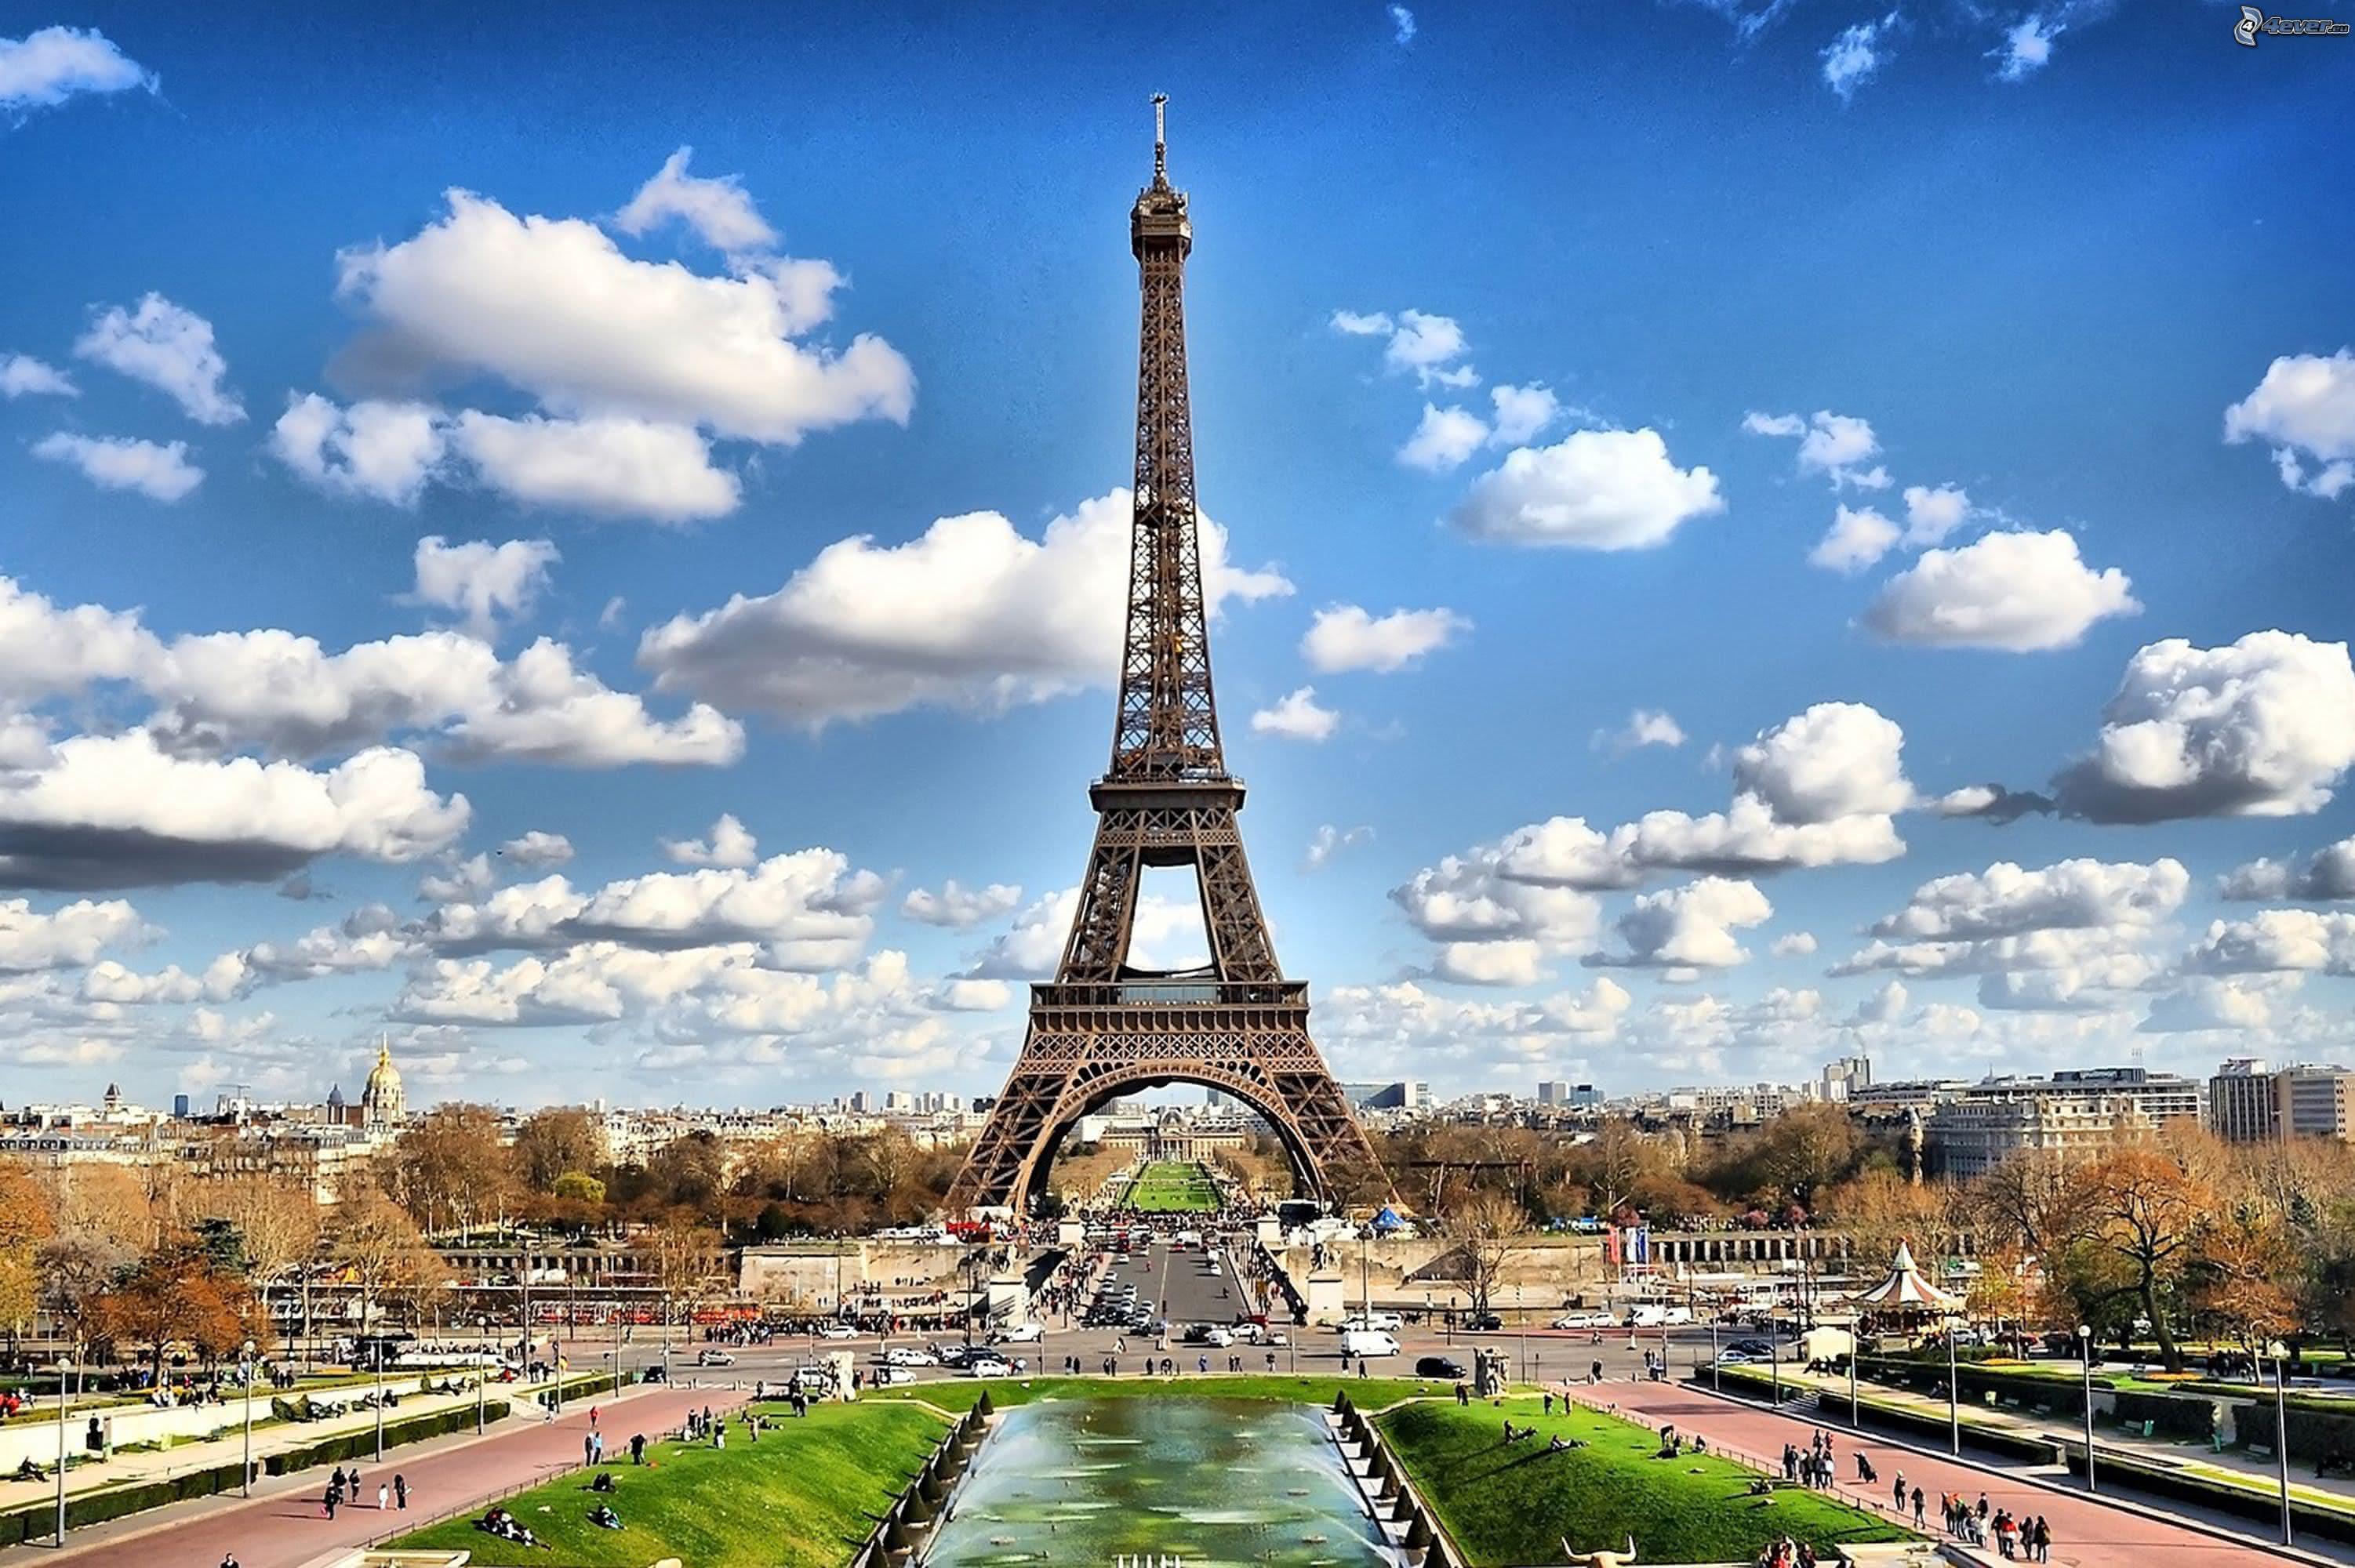 Muévase libremente con nuestro servicio de alquiler de coches en París Vendome Opera